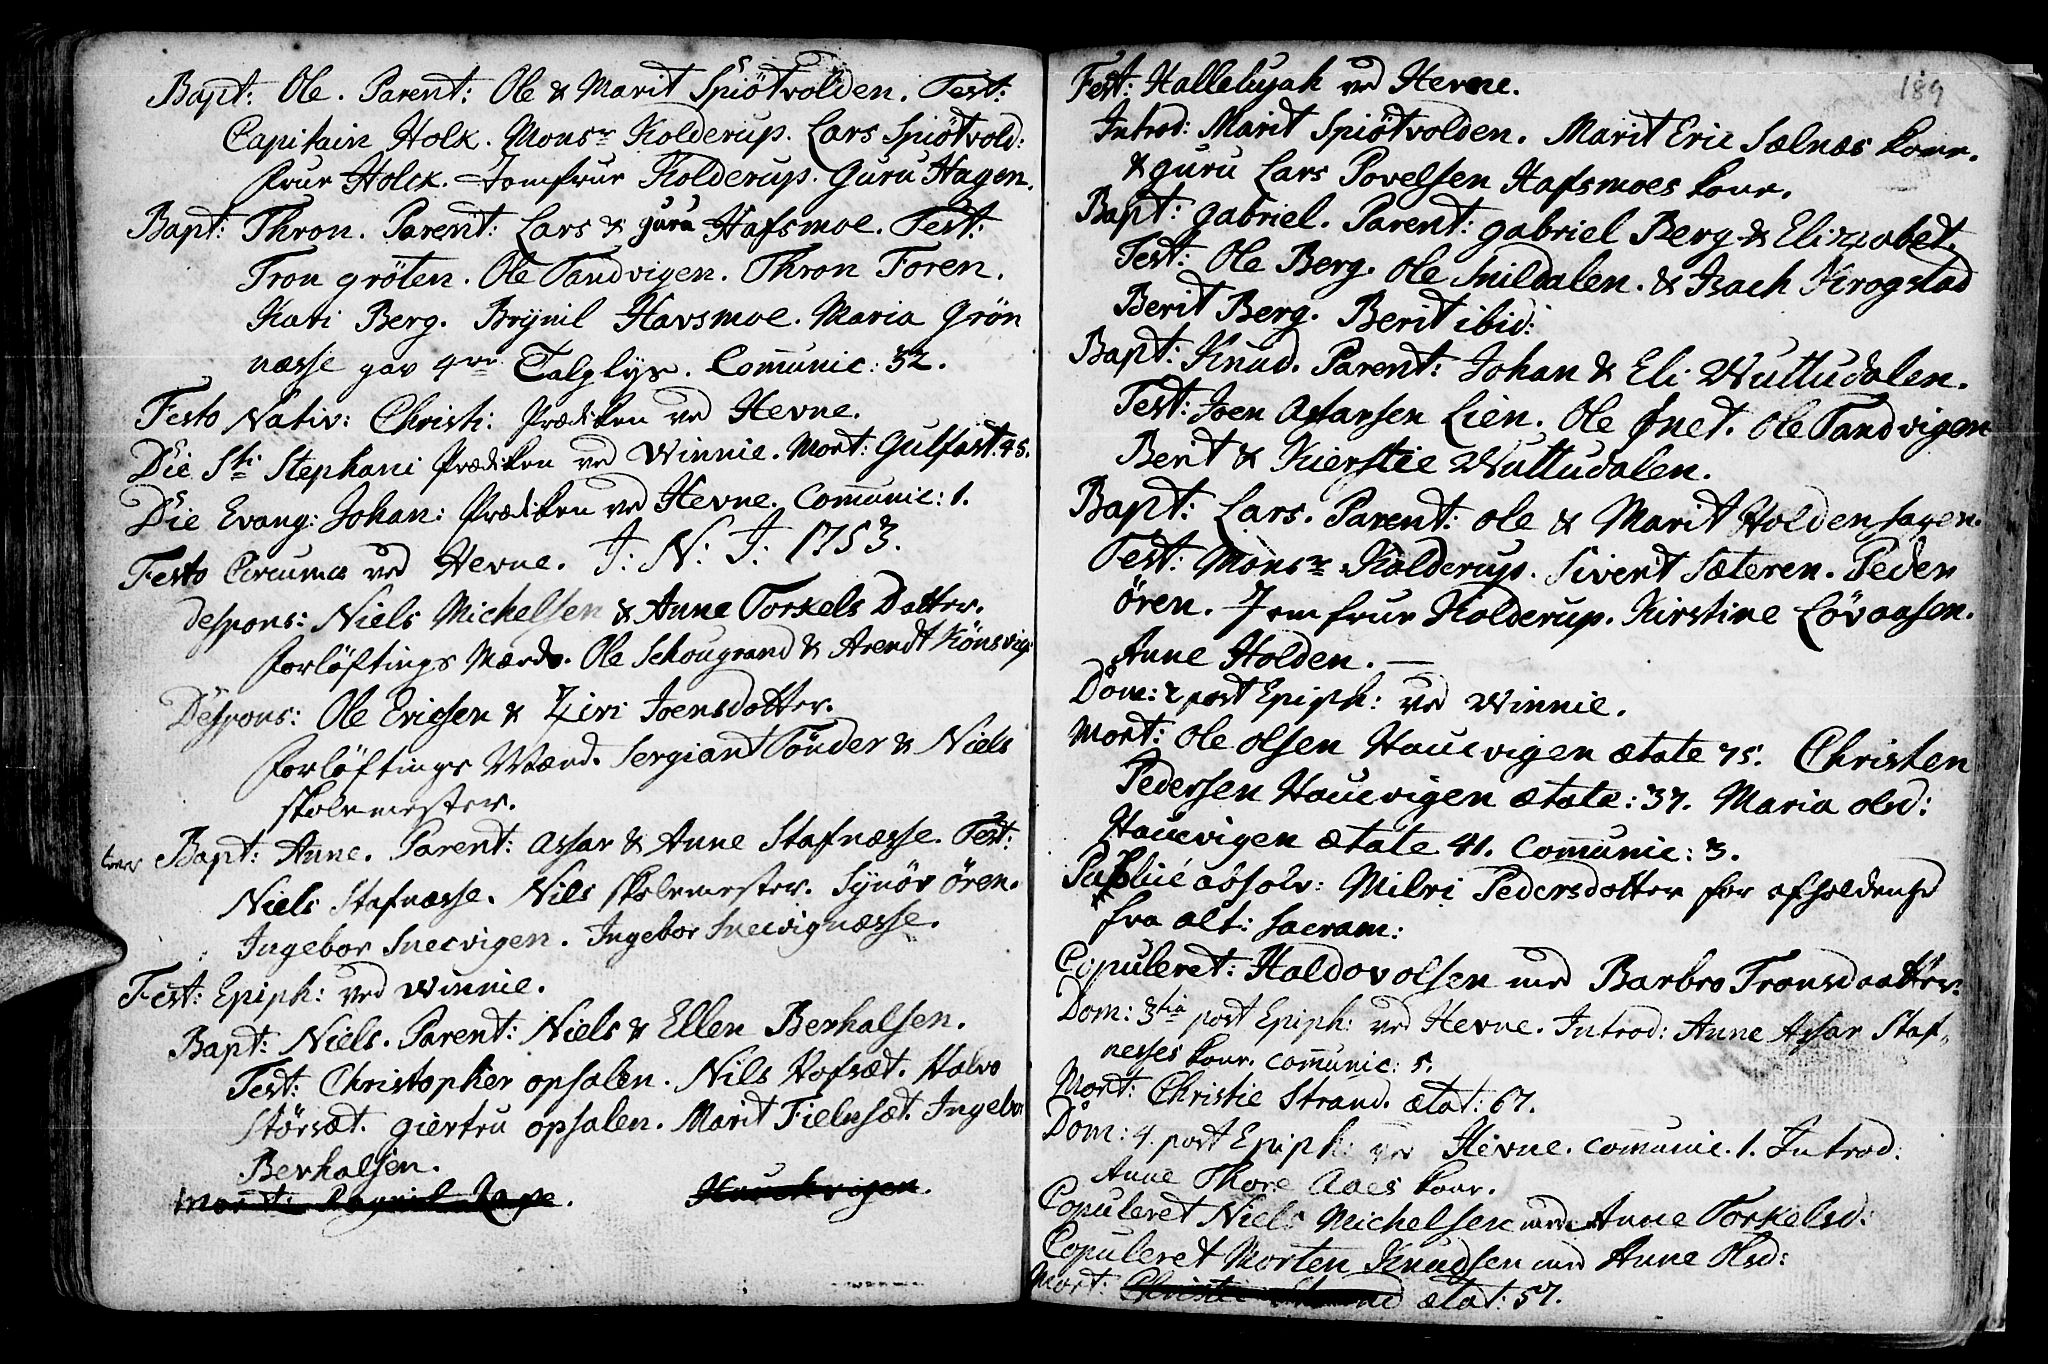 SAT, Ministerialprotokoller, klokkerbøker og fødselsregistre - Sør-Trøndelag, 630/L0488: Ministerialbok nr. 630A01, 1717-1756, s. 188-189